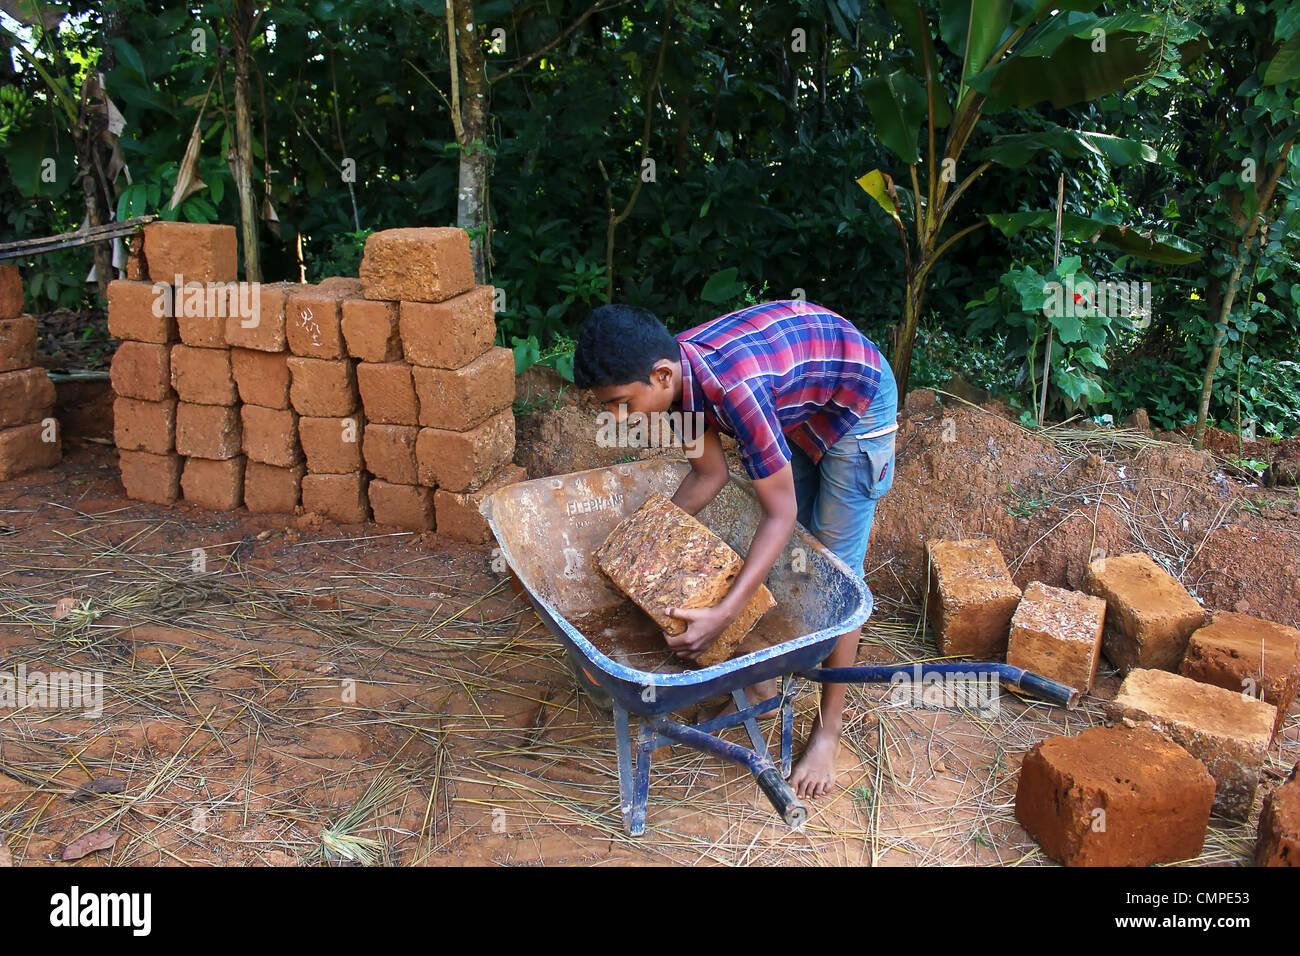 Jeune garçon tournant briques dans une briqueterie Inde,la pauvreté,le travail des enfants sans-abri Photo Stock